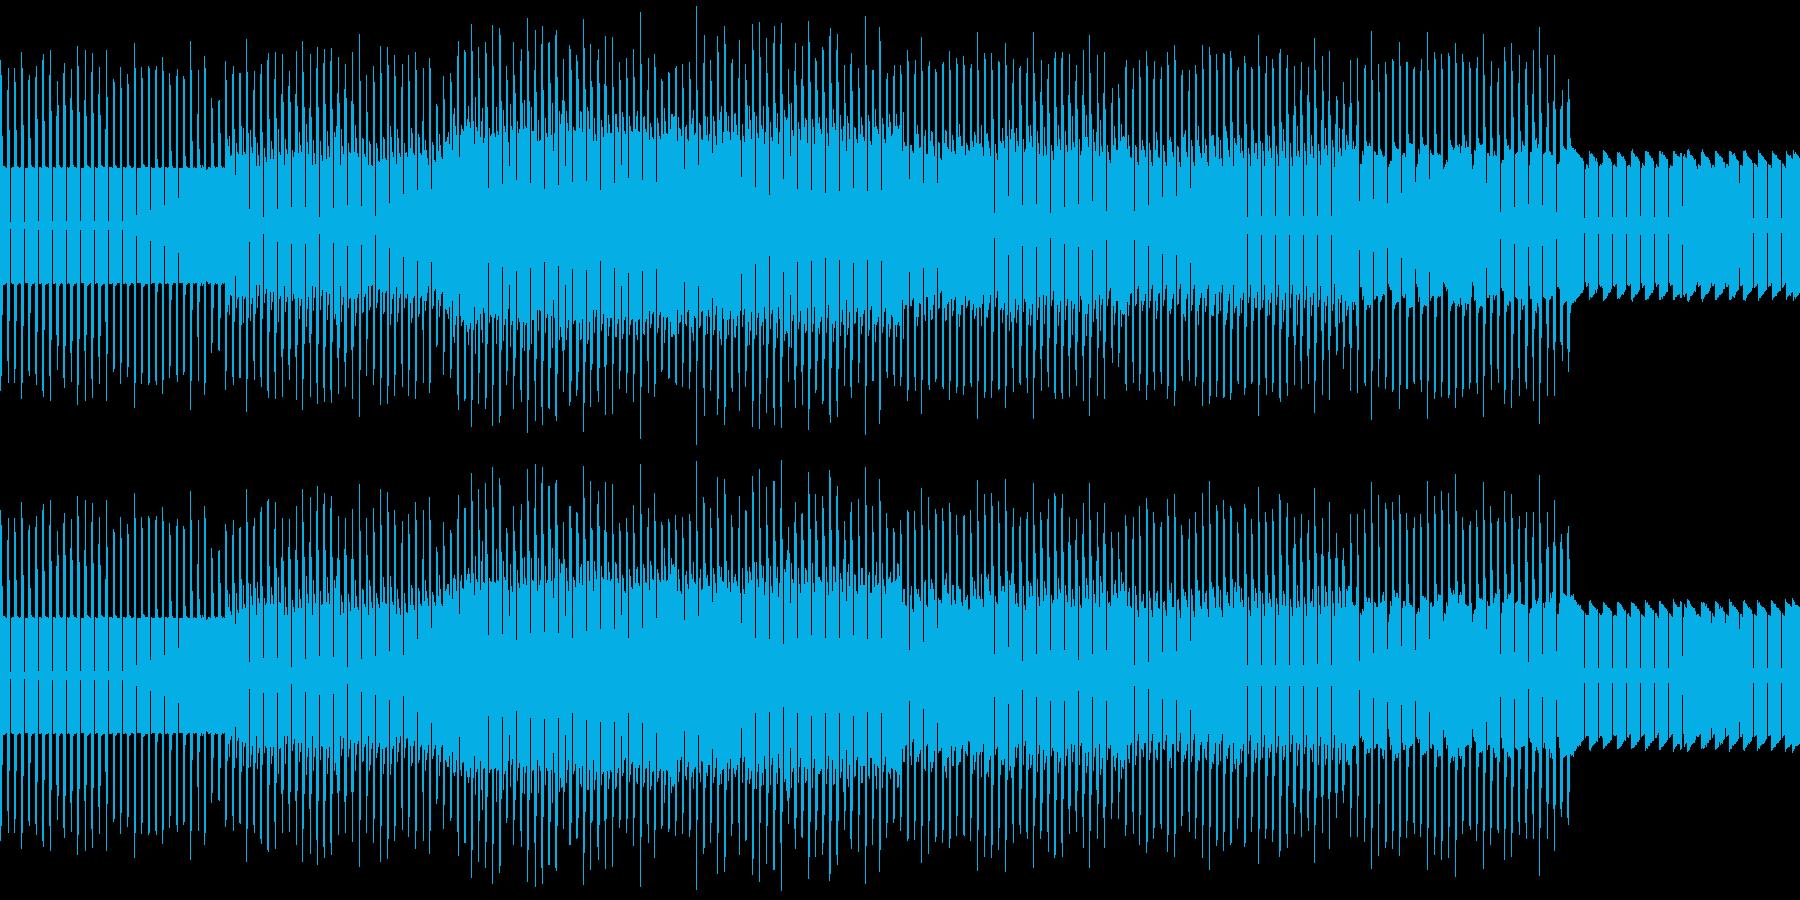 痛快なチップチューン、ループ対応の再生済みの波形